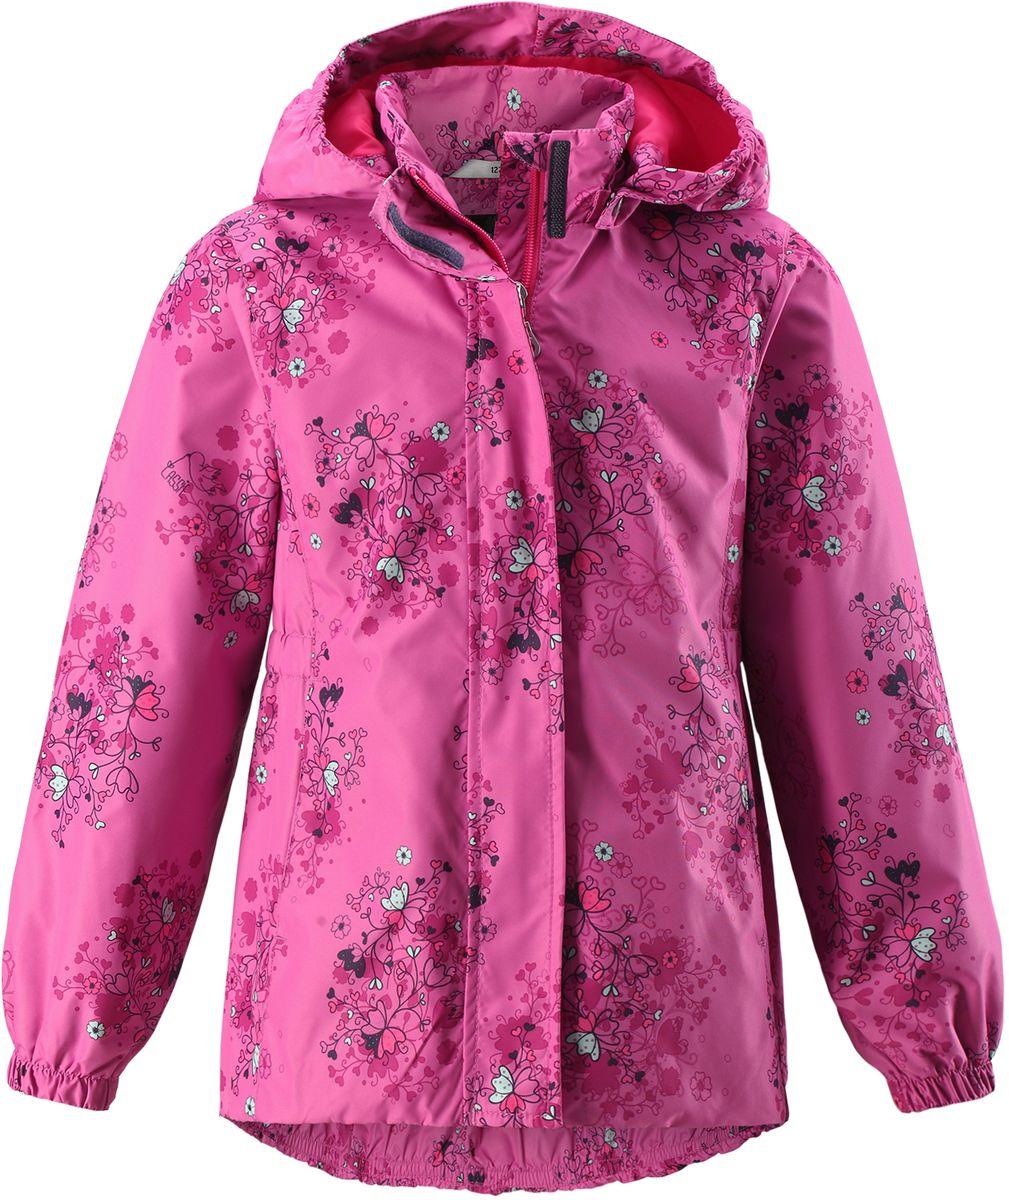 Куртка для девочки Lassie, цвет: фуксия. 721704R4861. Размер 98721704R4861Стильная демисезонная куртка для девочек изготовлена из водоотталкивающего, ветронепроницаемого и дышащего материала. Гладкая и приятная на ощупь подкладка из полиэстера на легком утеплителе согревает и облегчает процесс одевания. Удлиненная модель для девочек с эластичной талией, подолом и манжетами. Практичные детали просто незаменимы: безопасный съемный капюшон, карманы, вшитые в боковые швы, и светоотражающая эмблема сзади.